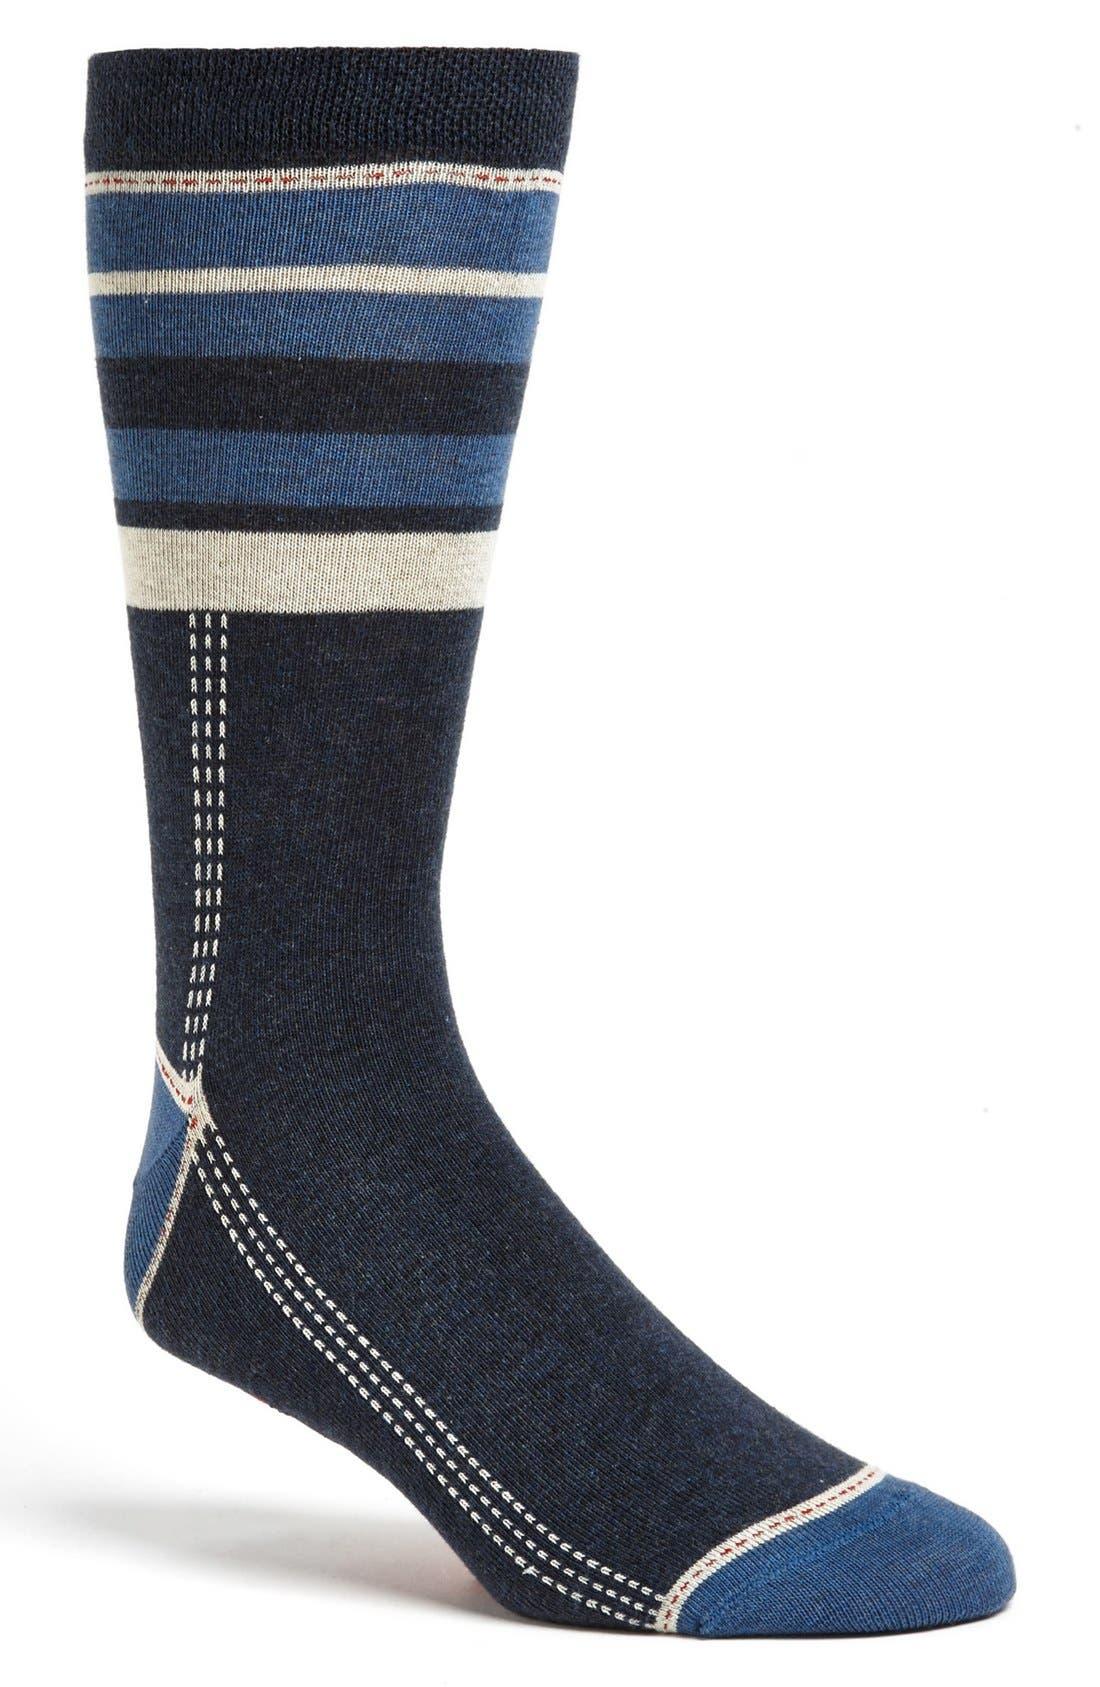 Alternate Image 1 Selected - DIESEL® 'Ray' Socks